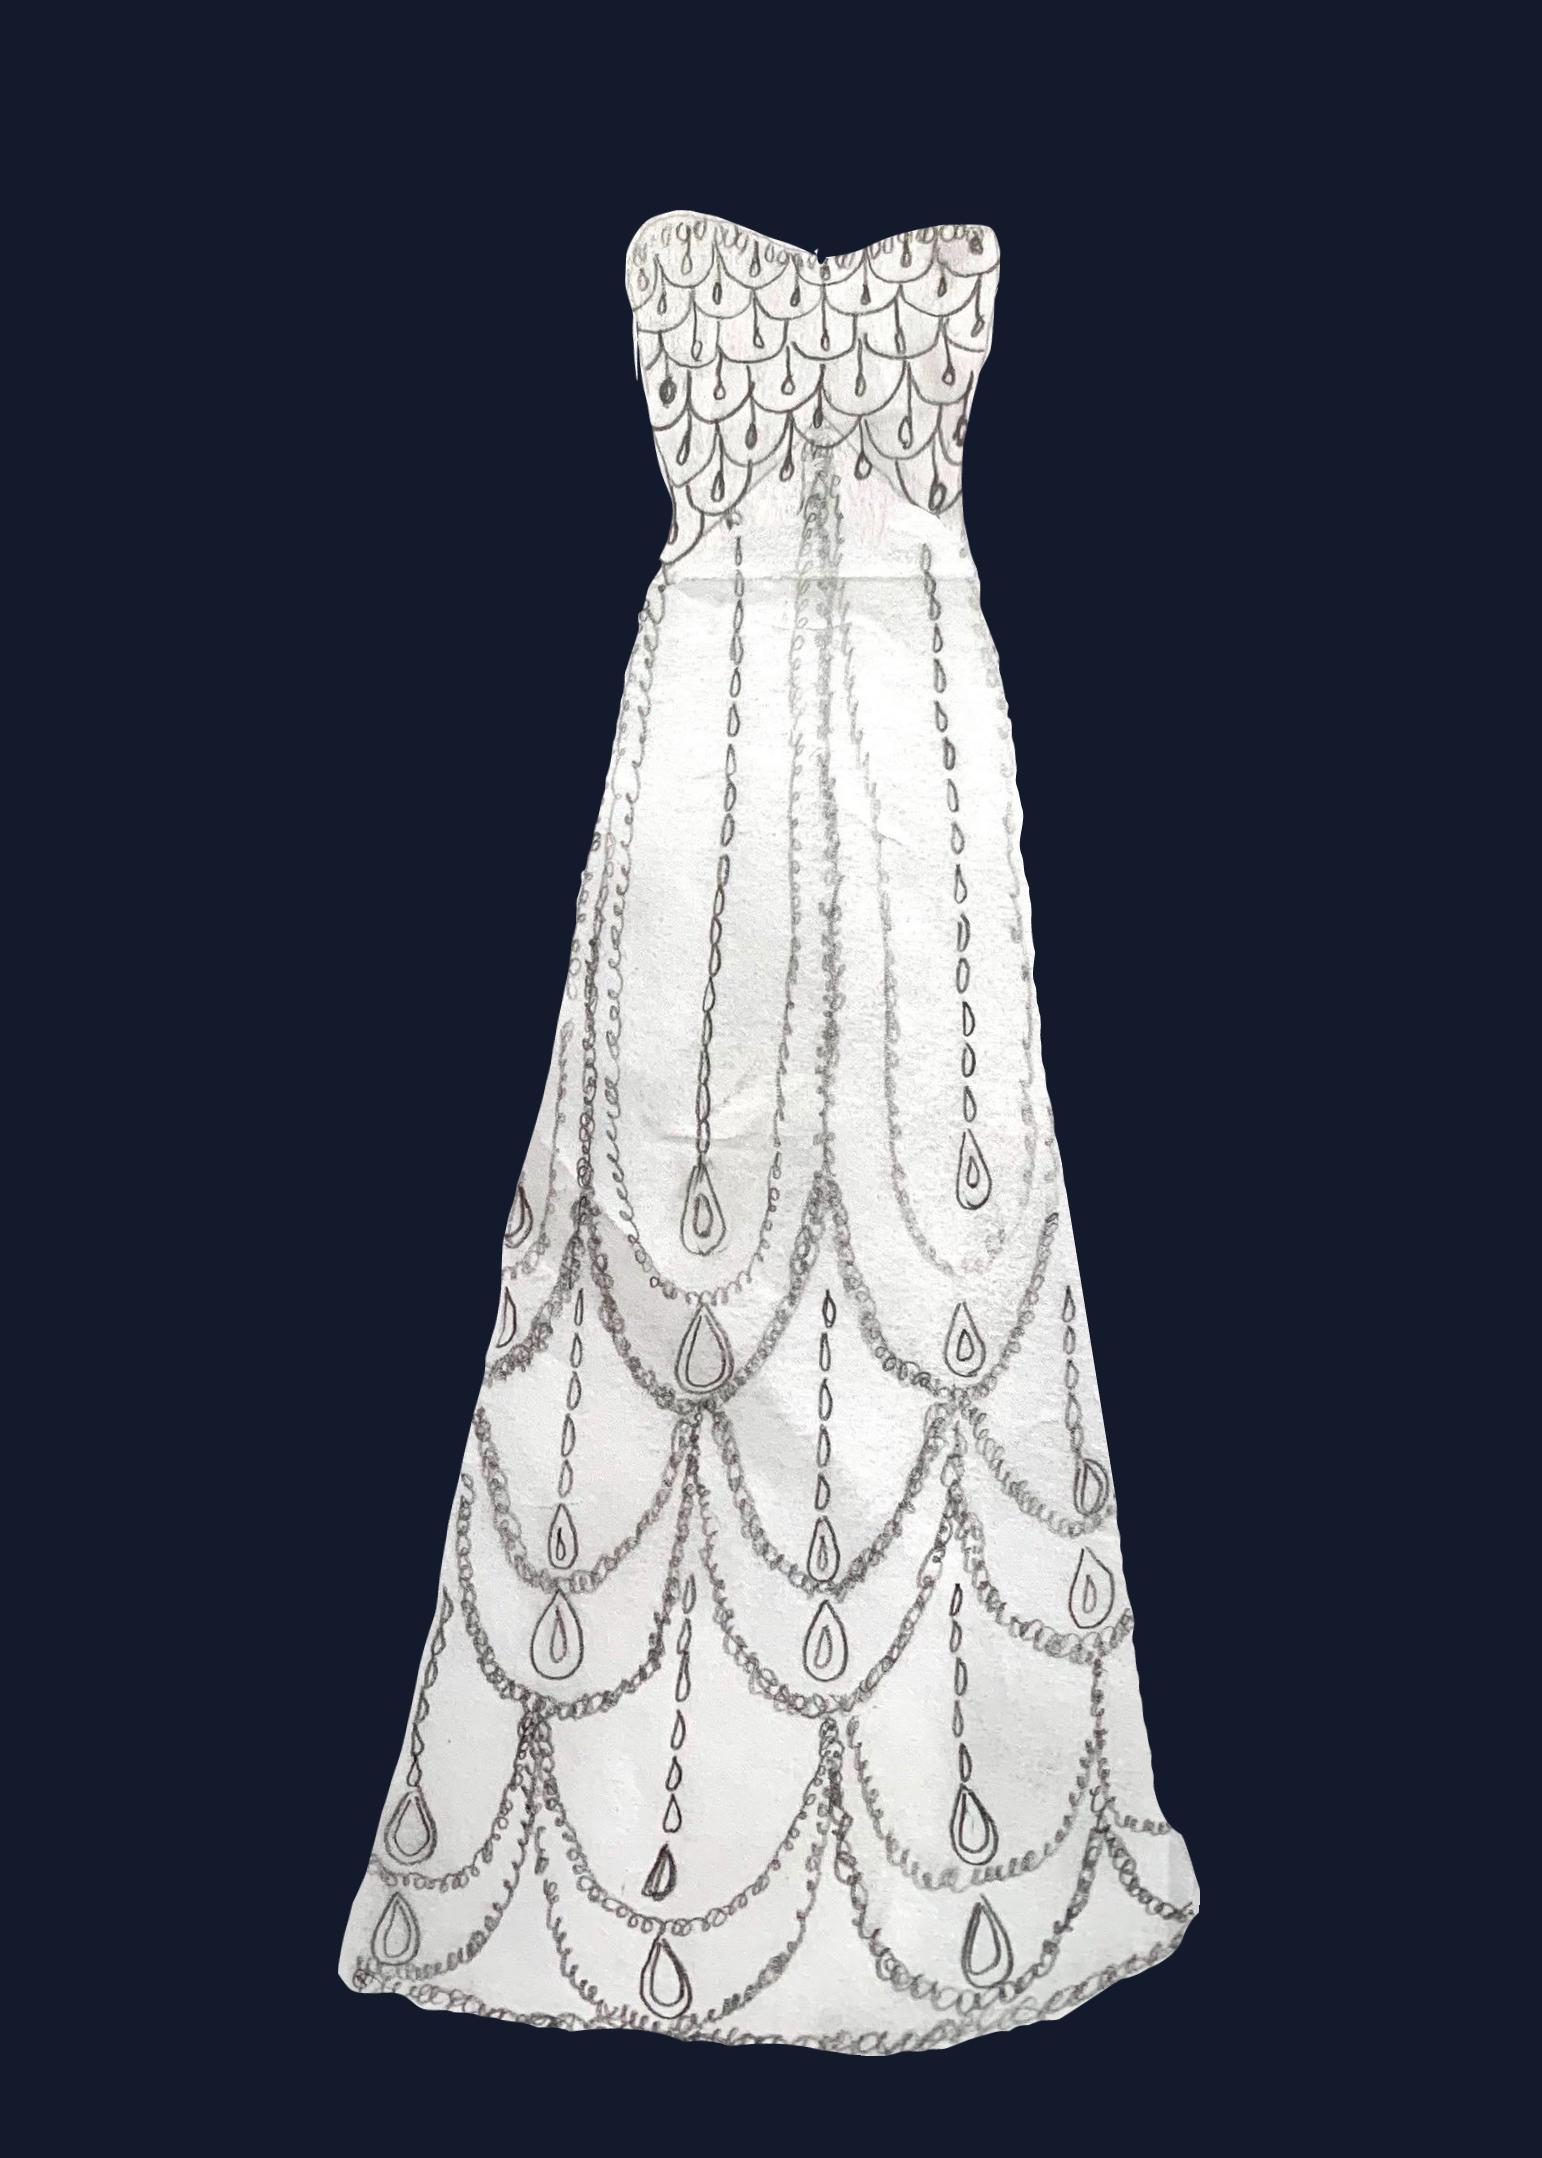 embossed Queen's gown sketch